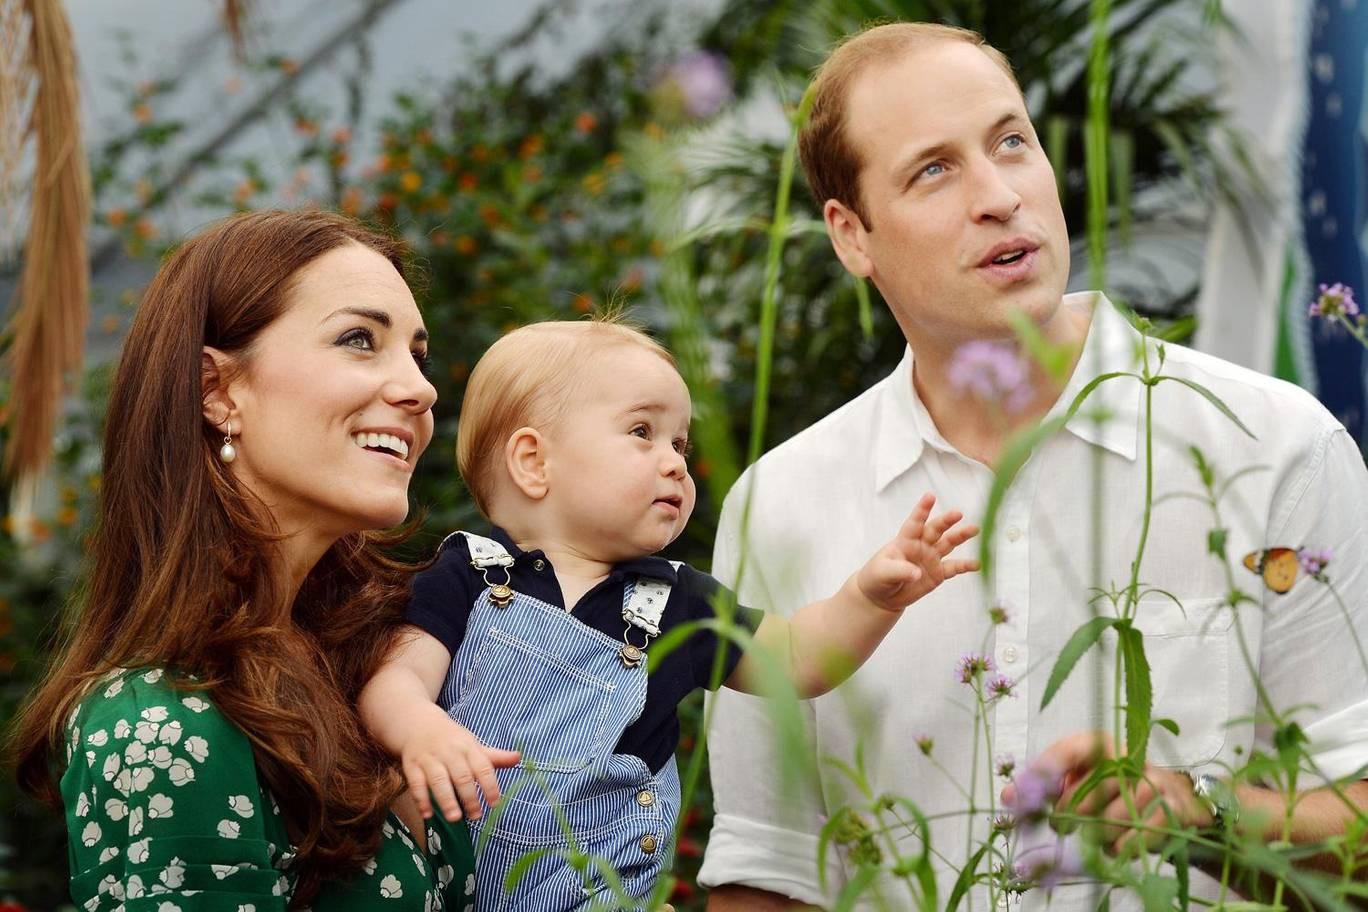 Hơn 40 bức ảnh ghi lại những khoảnh khắc cực đáng yêu cho thấy hành trình lớn lên của Hoàng tử George trong 5 năm đầu đời - Ảnh 8.